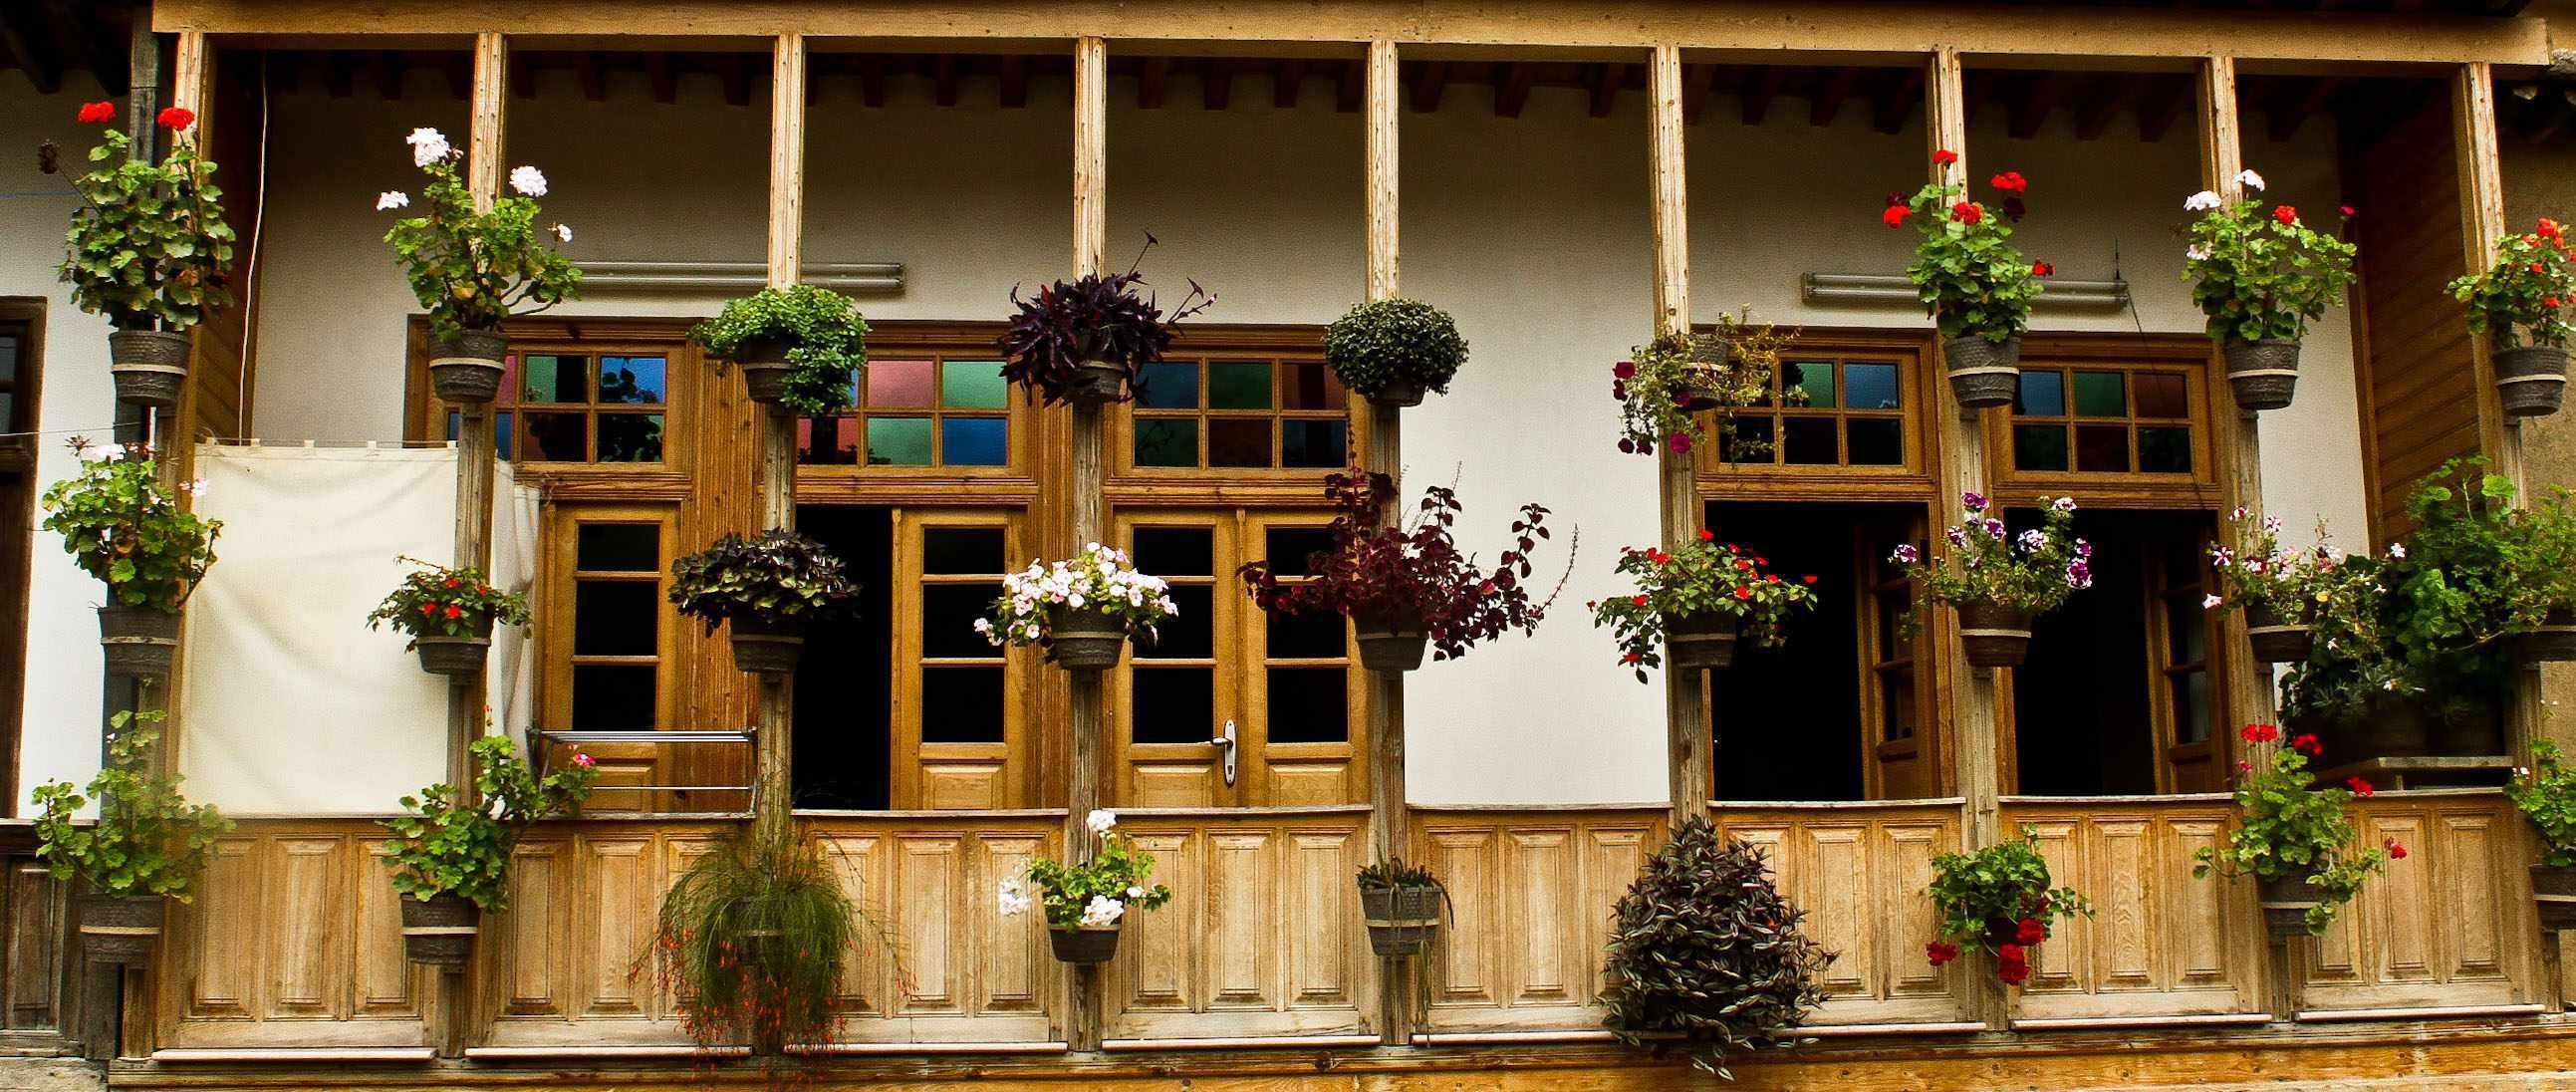 ماسوله؛ دیار خانه های زرد رنگ و گلدان های شمعدانی